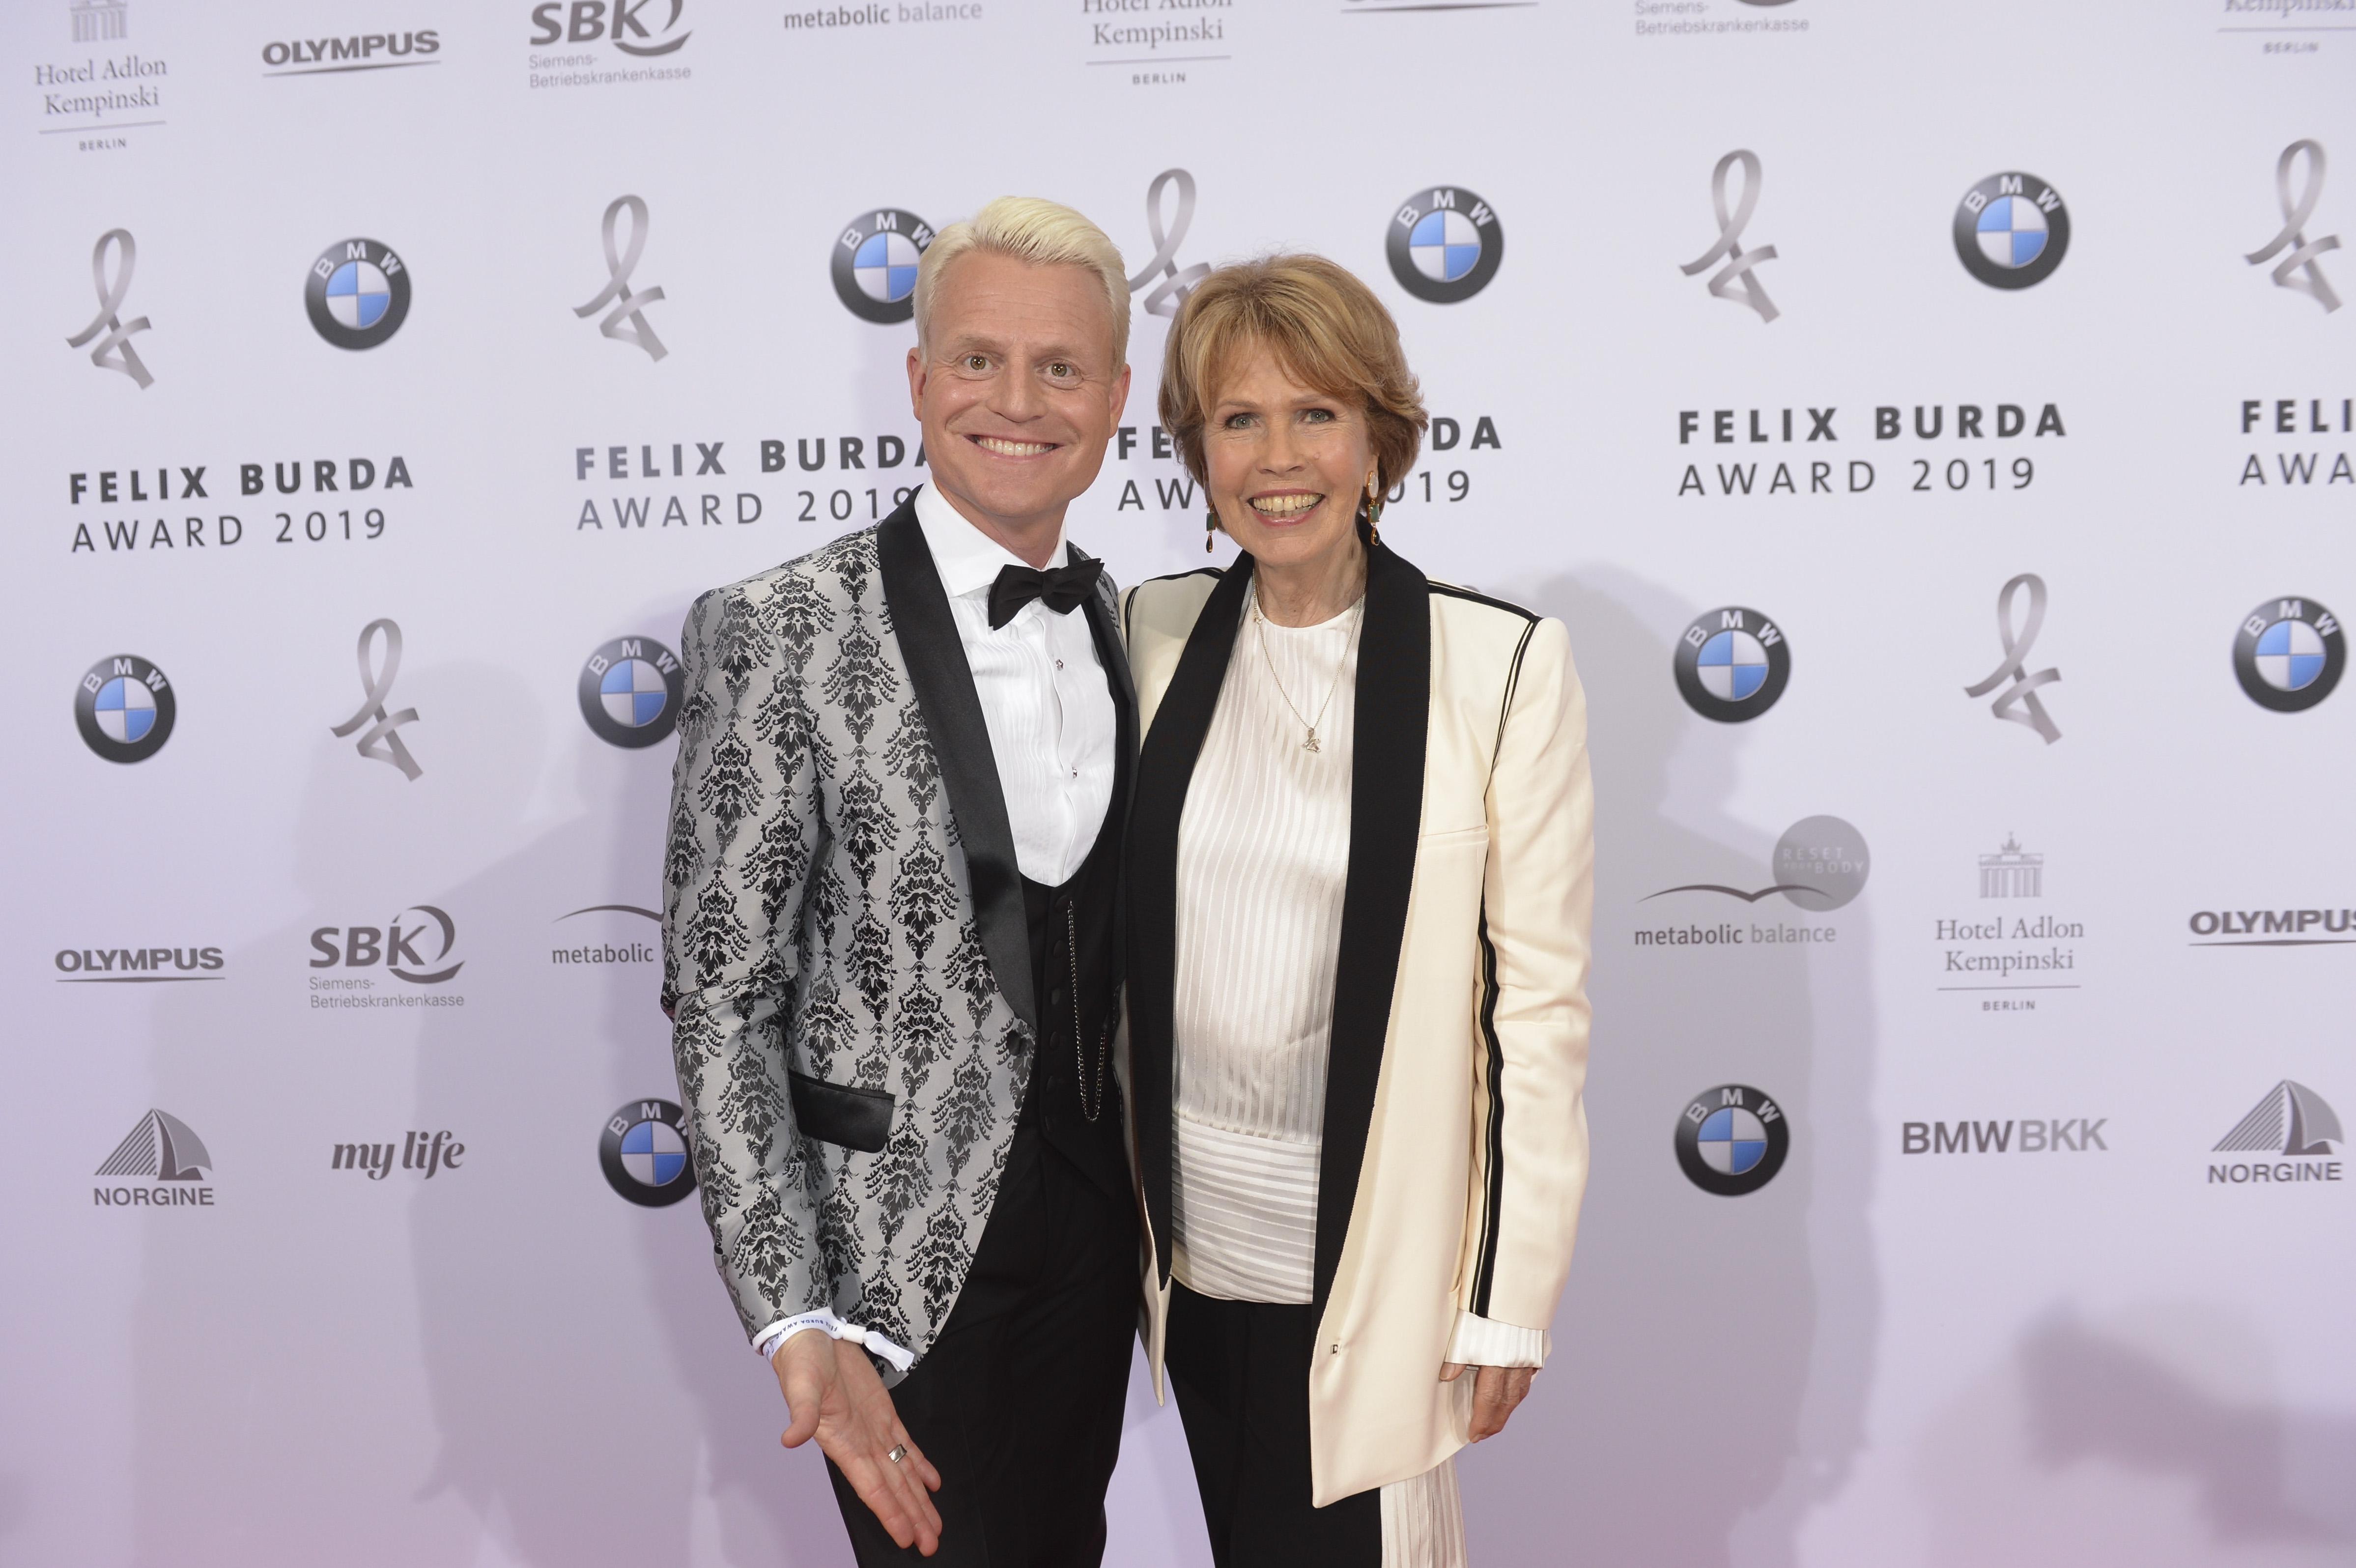 Felix Burda Award 2019